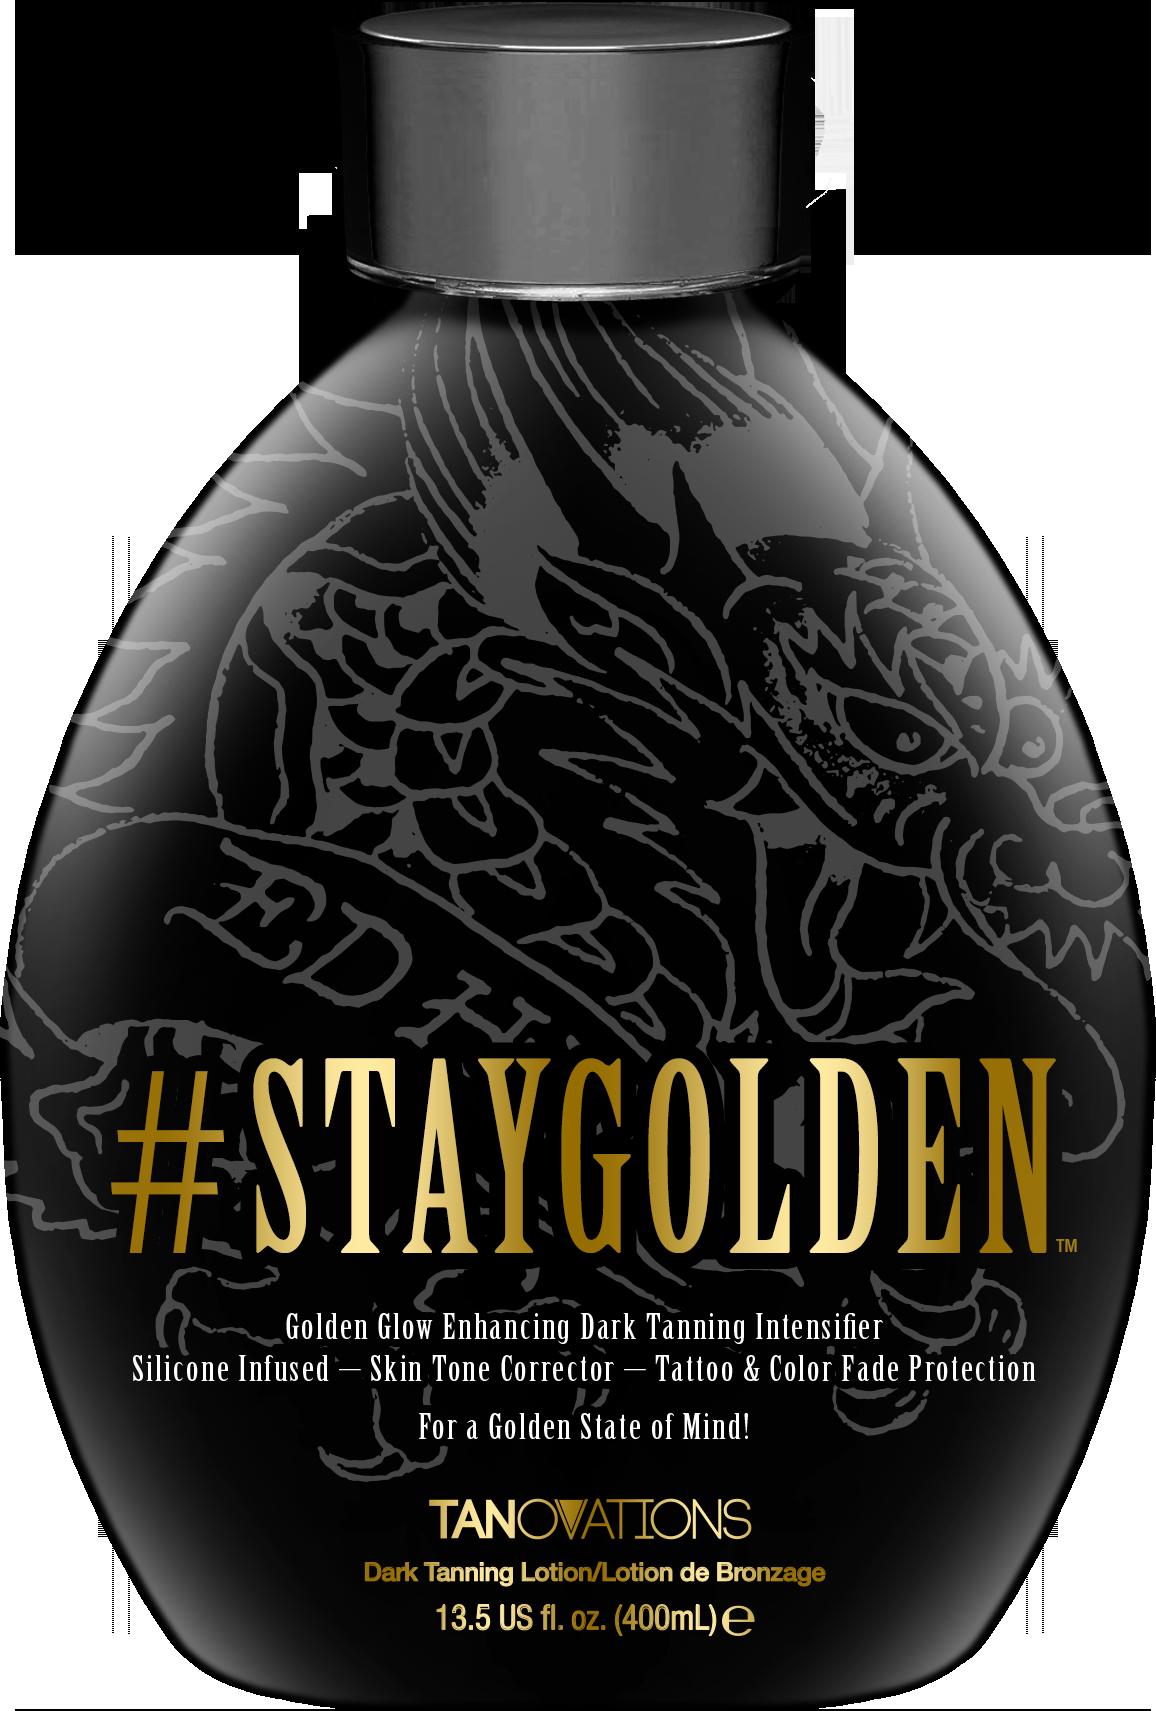 #StayGolden Intensifier